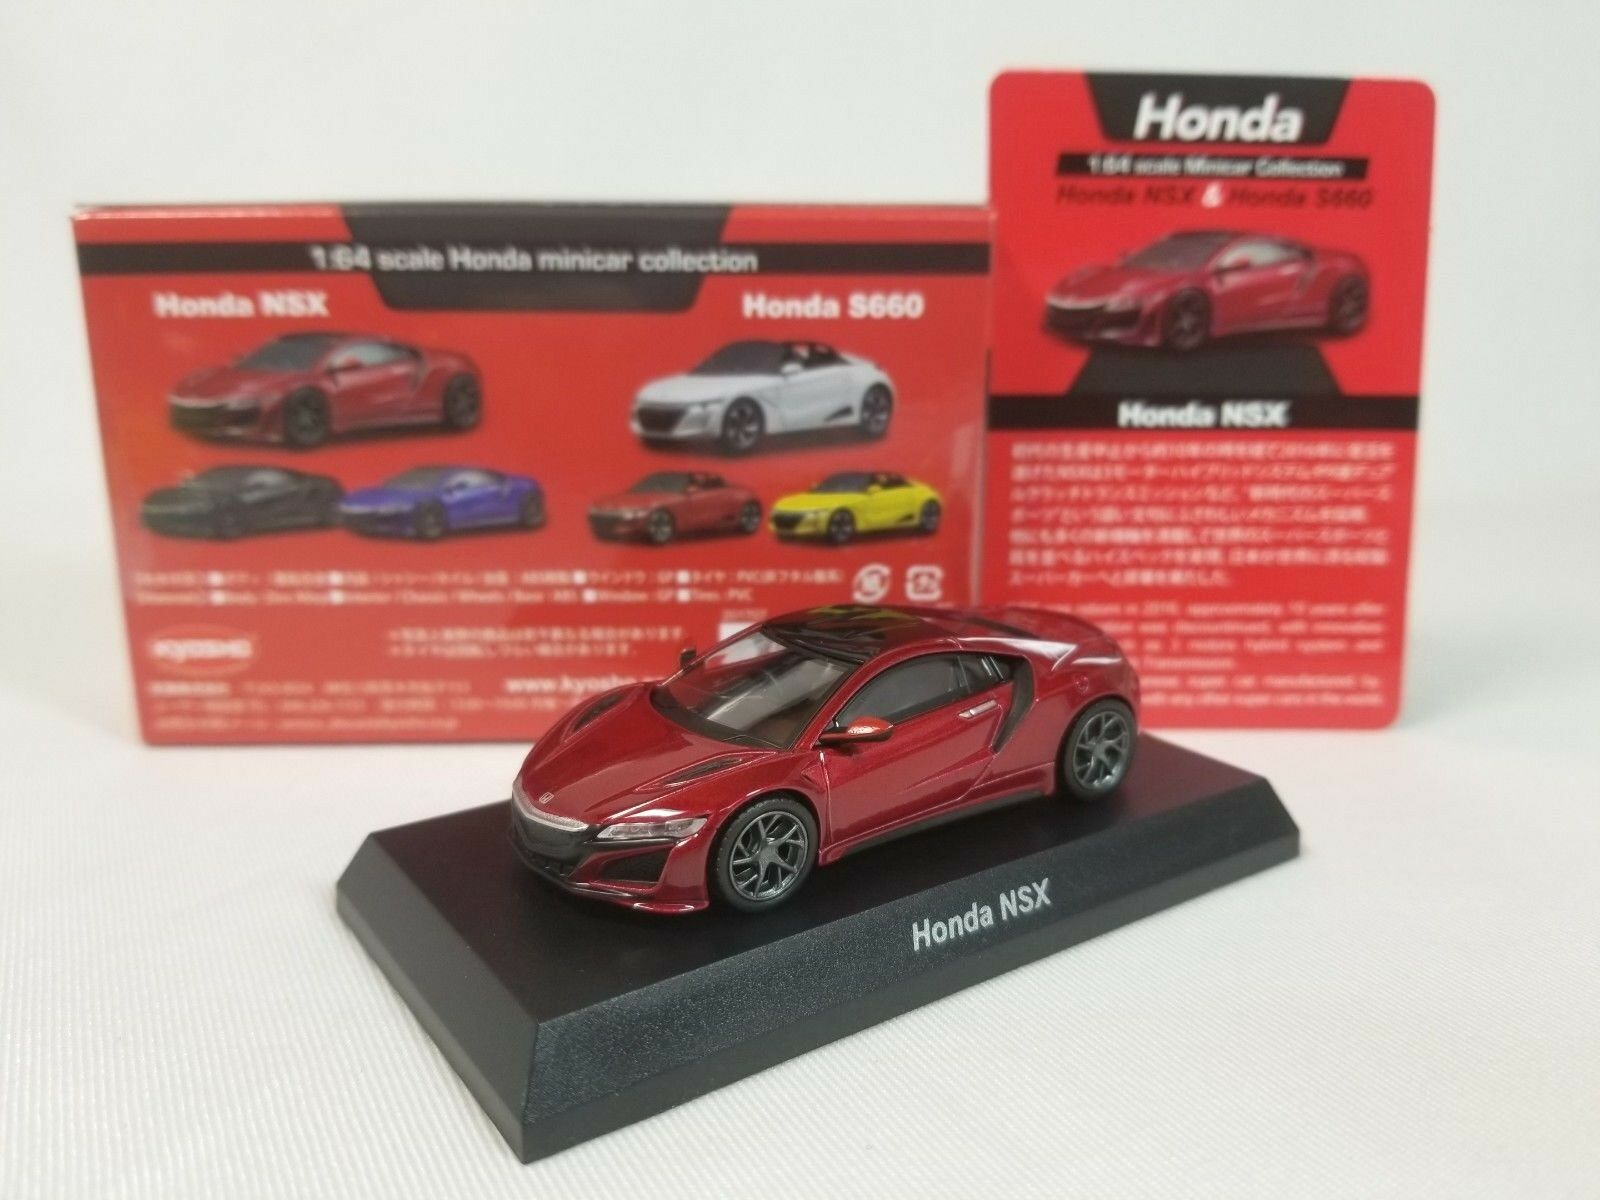 1 64 Kyosho Honda Minibil samling Acura NY 2Gen NSX Coupe Valencia röd Pearl